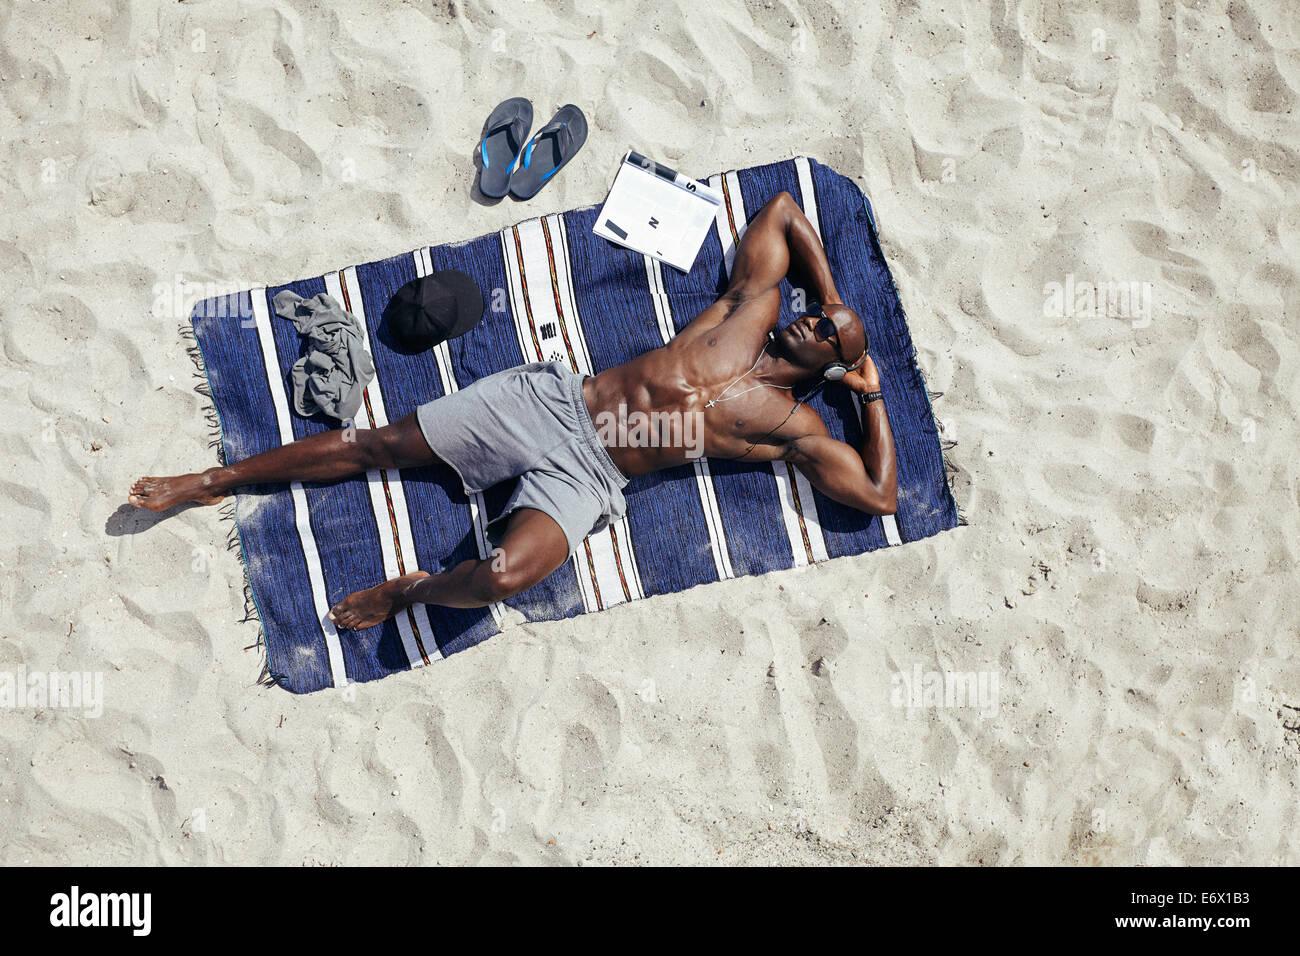 Direttamente sopra il colpo di muscolare di giovane ragazzo africano a prendere il sole sulla spiaggia. Uomo che Immagini Stock